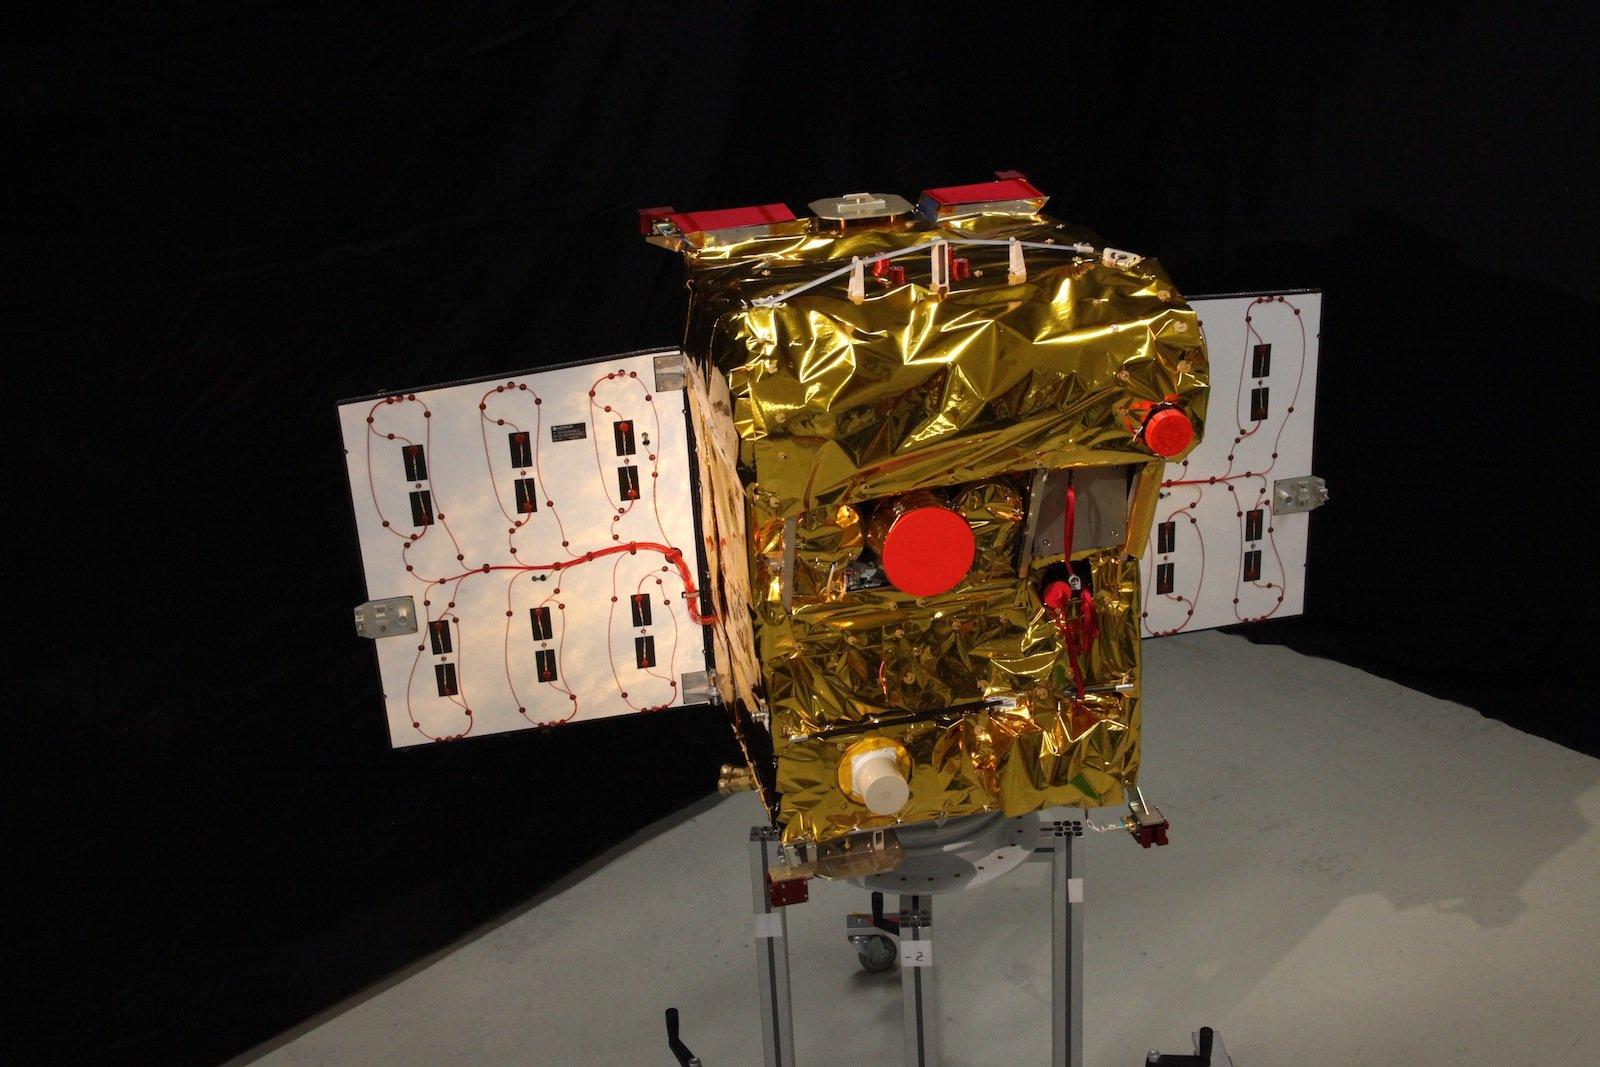 Der Kleinsatellit Biros hat etwa die Größe eines Kühlschranks und wiegt rund 130 kg.